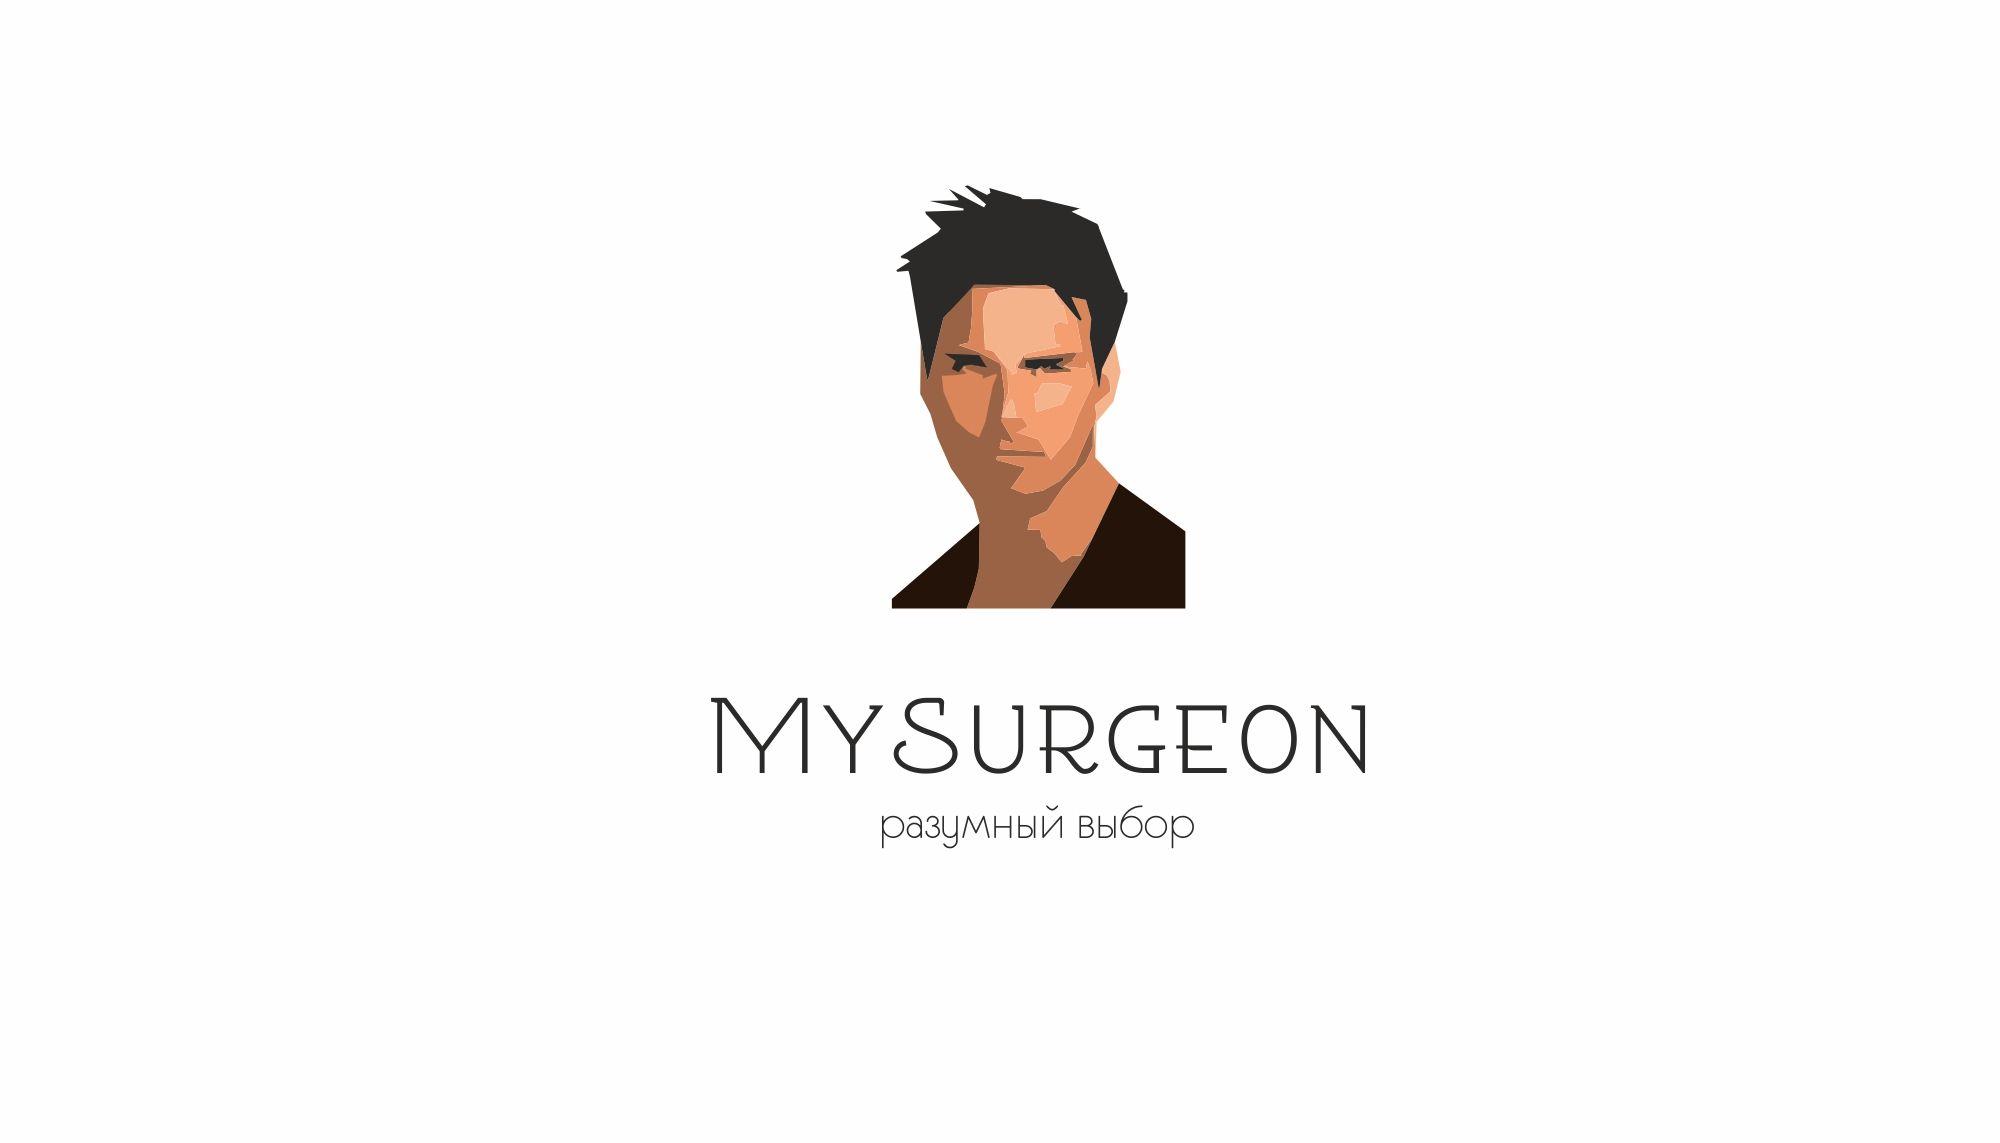 Обновление логотипа MySurgeon (вторая попытка) - дизайнер markosov